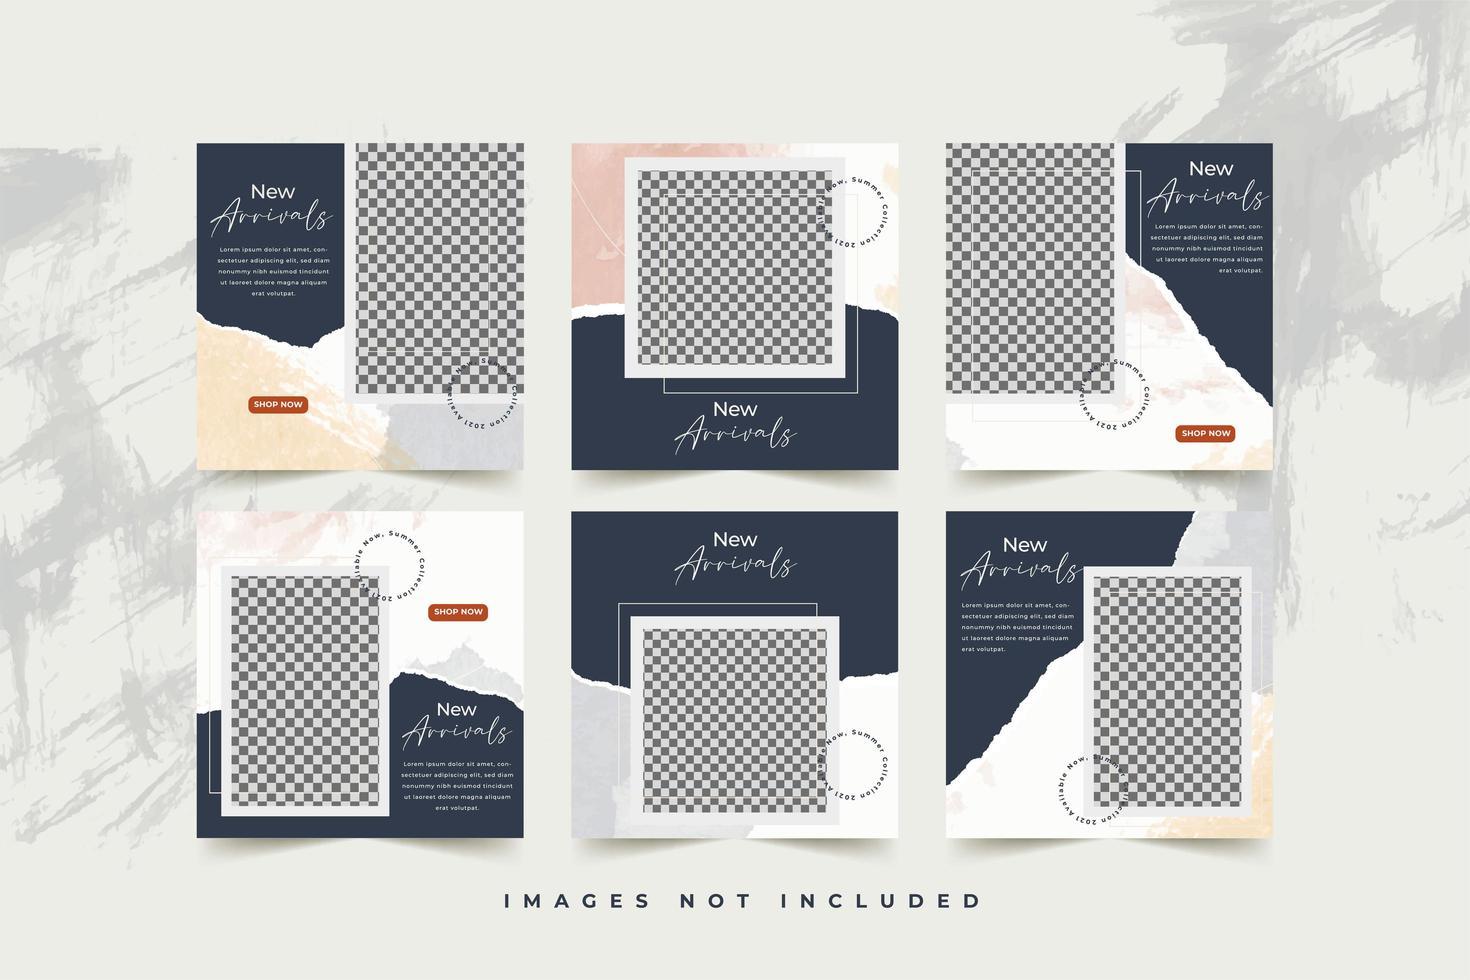 mode sociale media sjabloon ingesteld met abstracte aquarel en gescheurd papier achtergrond vector